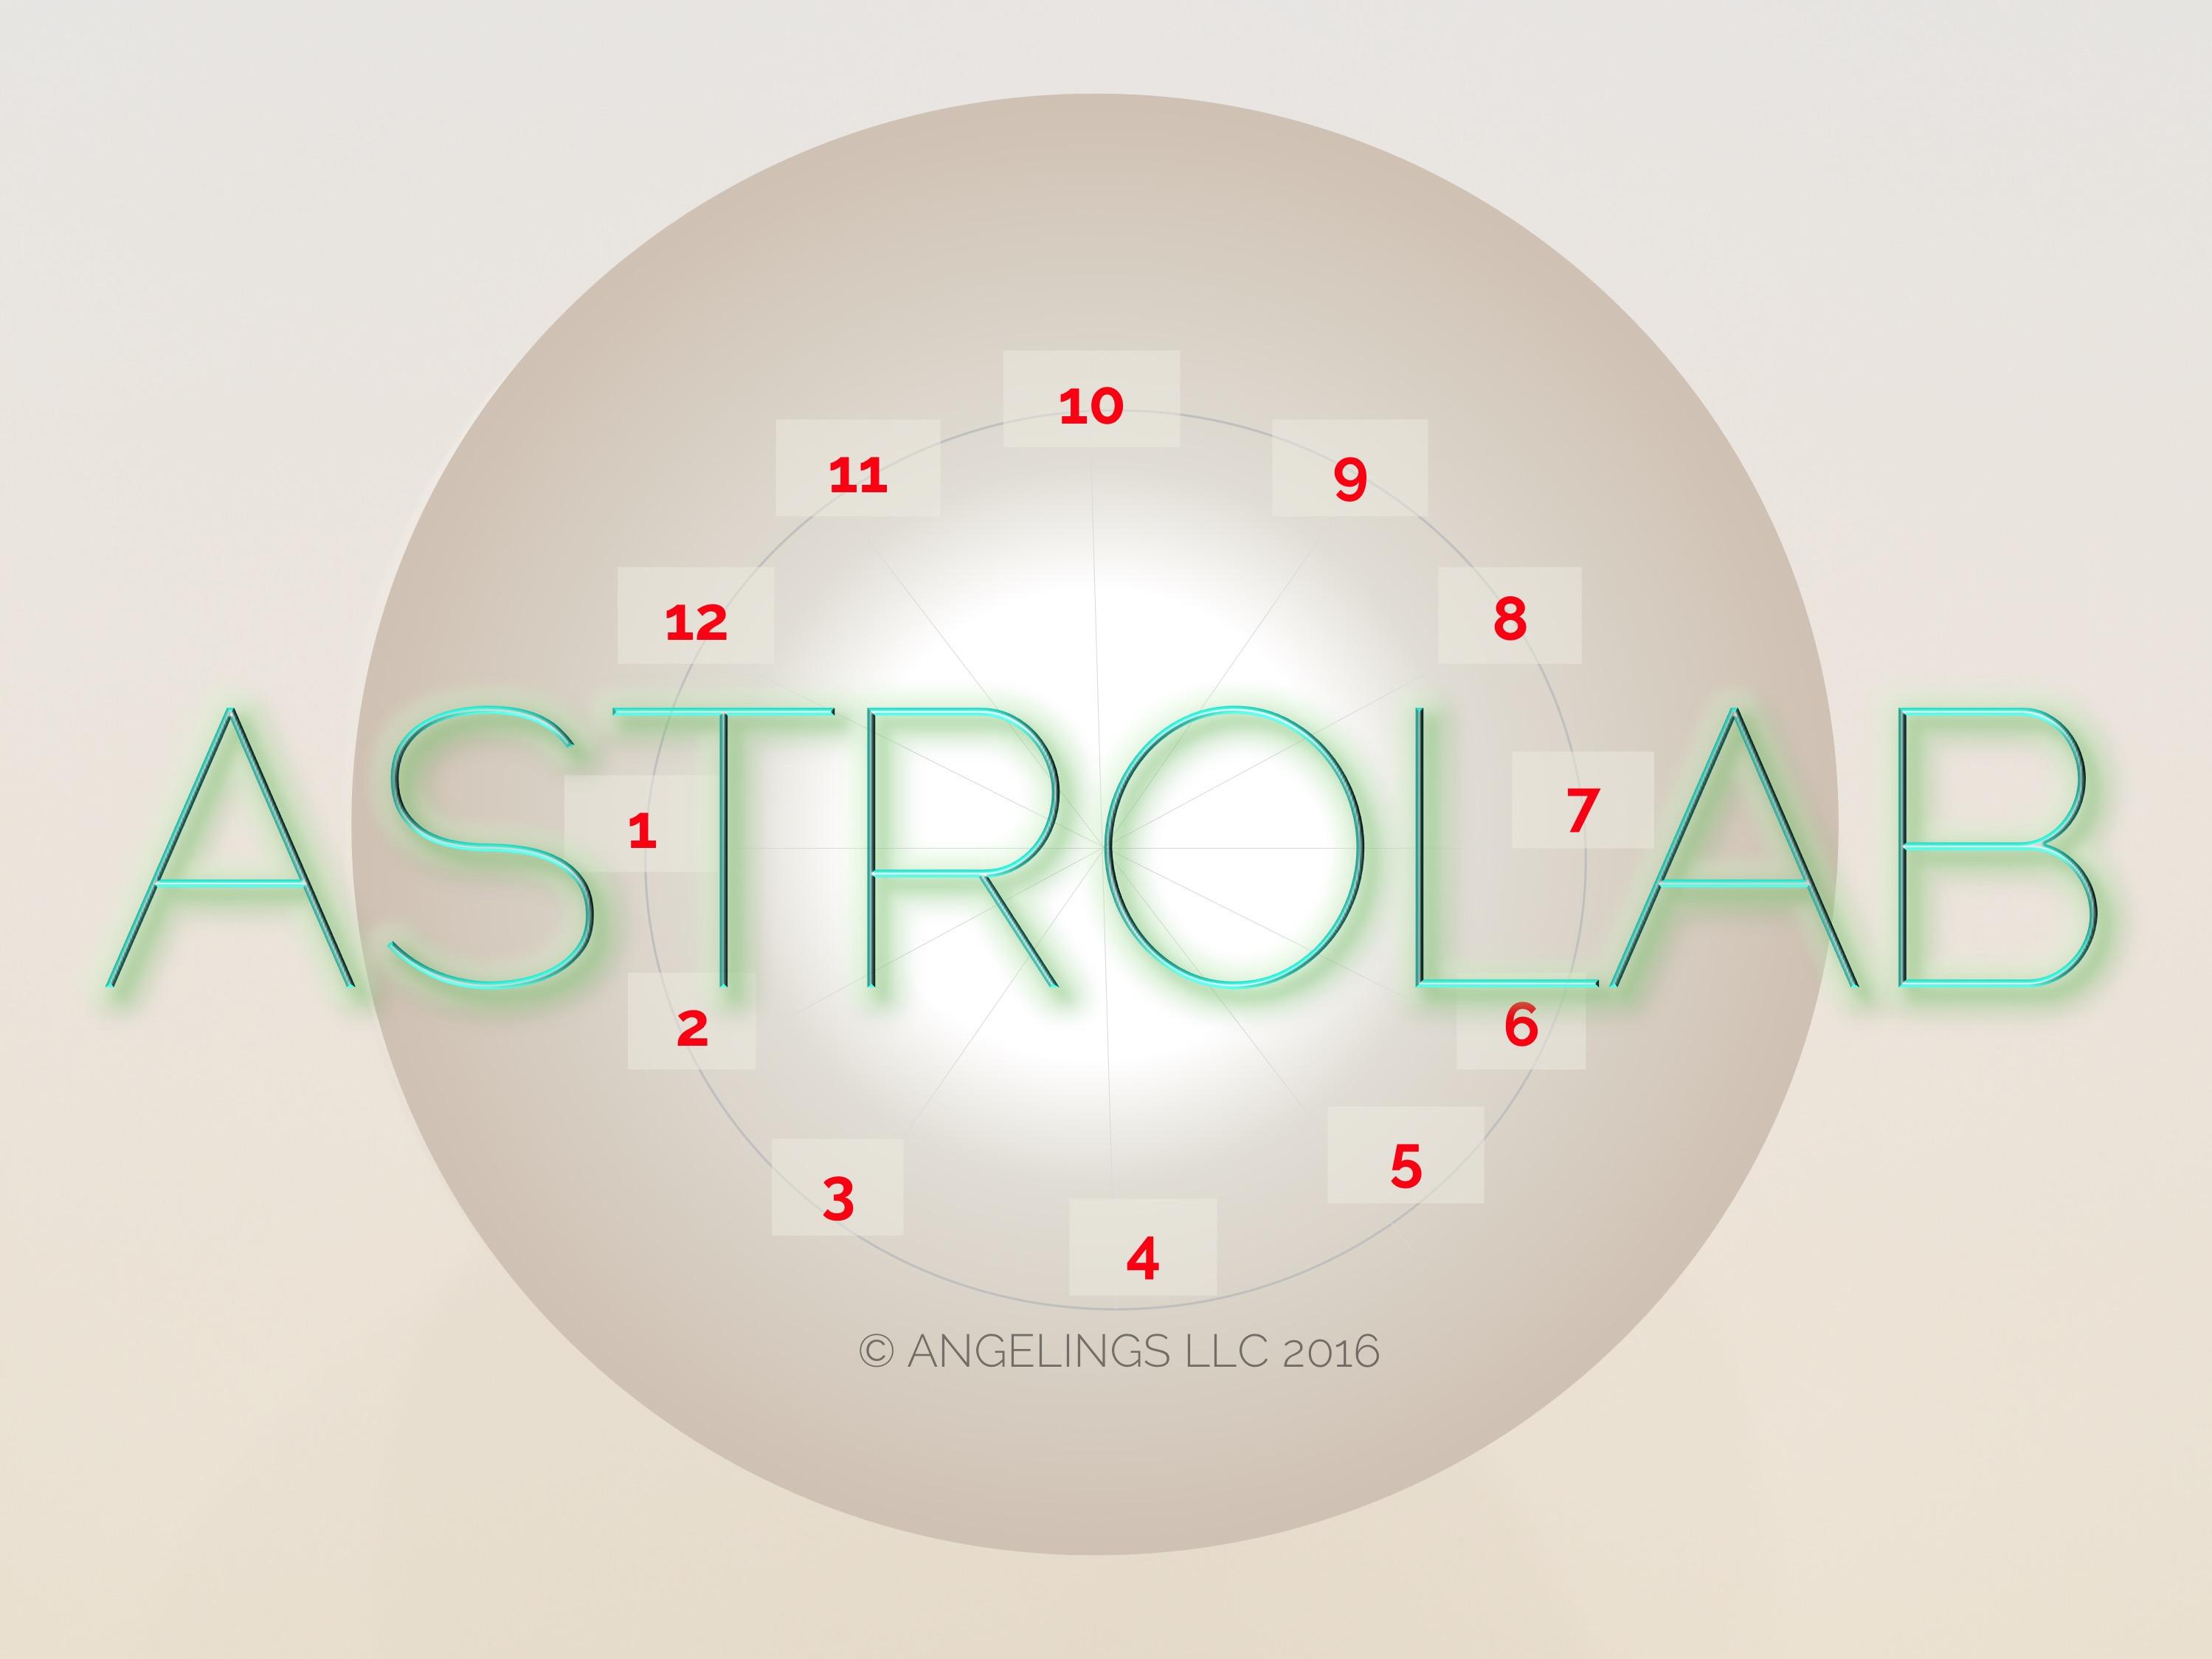 ASTROLAB workshop